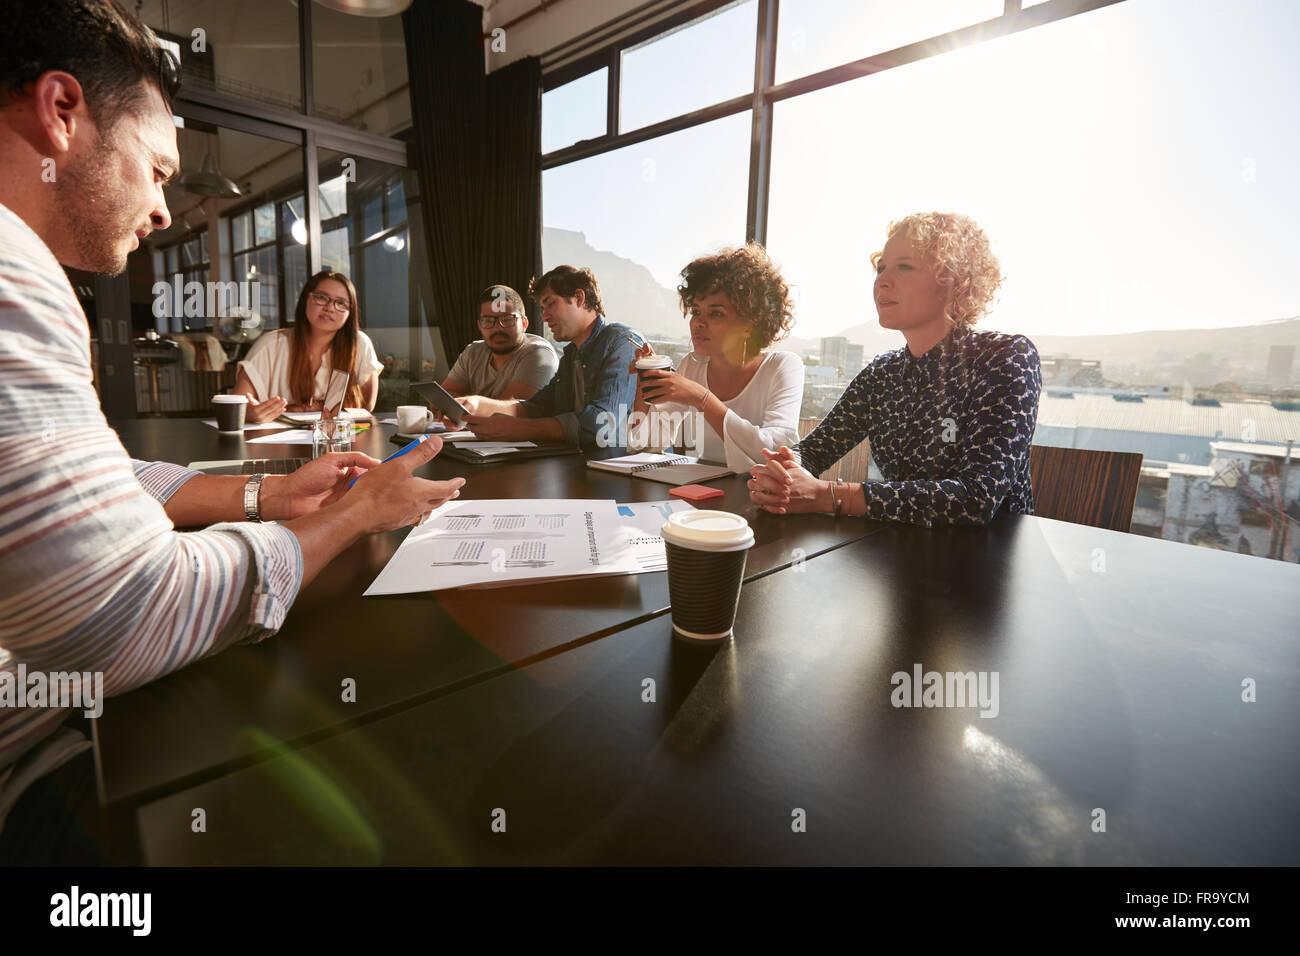 Portrait de l'équipe de créatifs assis autour d'une table pour discuter de nouveaux projets. Mixed Photo Stock